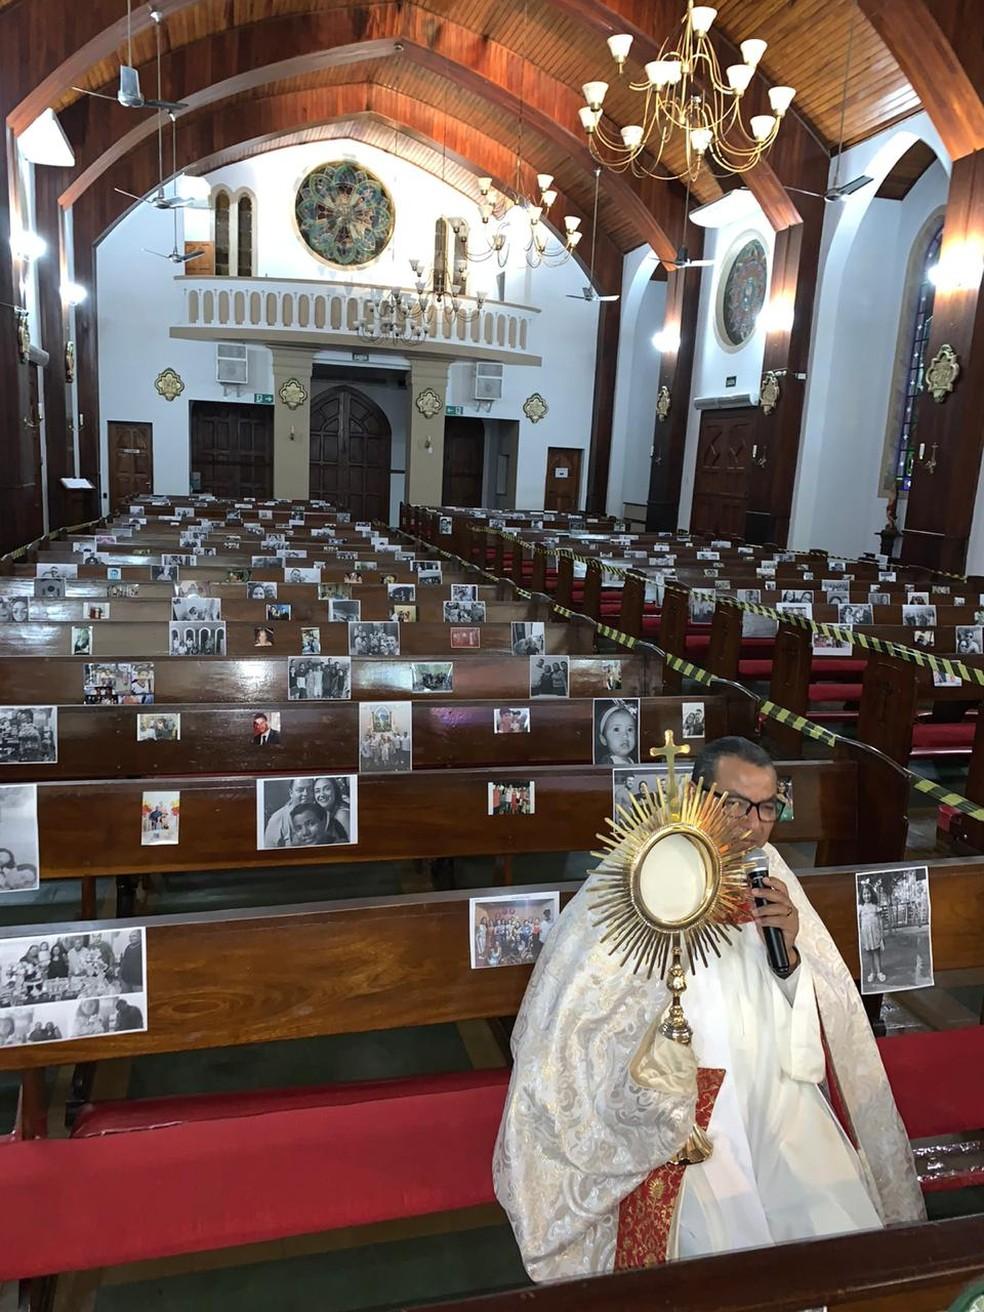 Padre celebra missa com cerca de 500 fotos de fiéis colocadas em bancos de igreja, em Aquidauana (MS). — Foto: Arquivo Pessoal/Padre Paulo Sousa